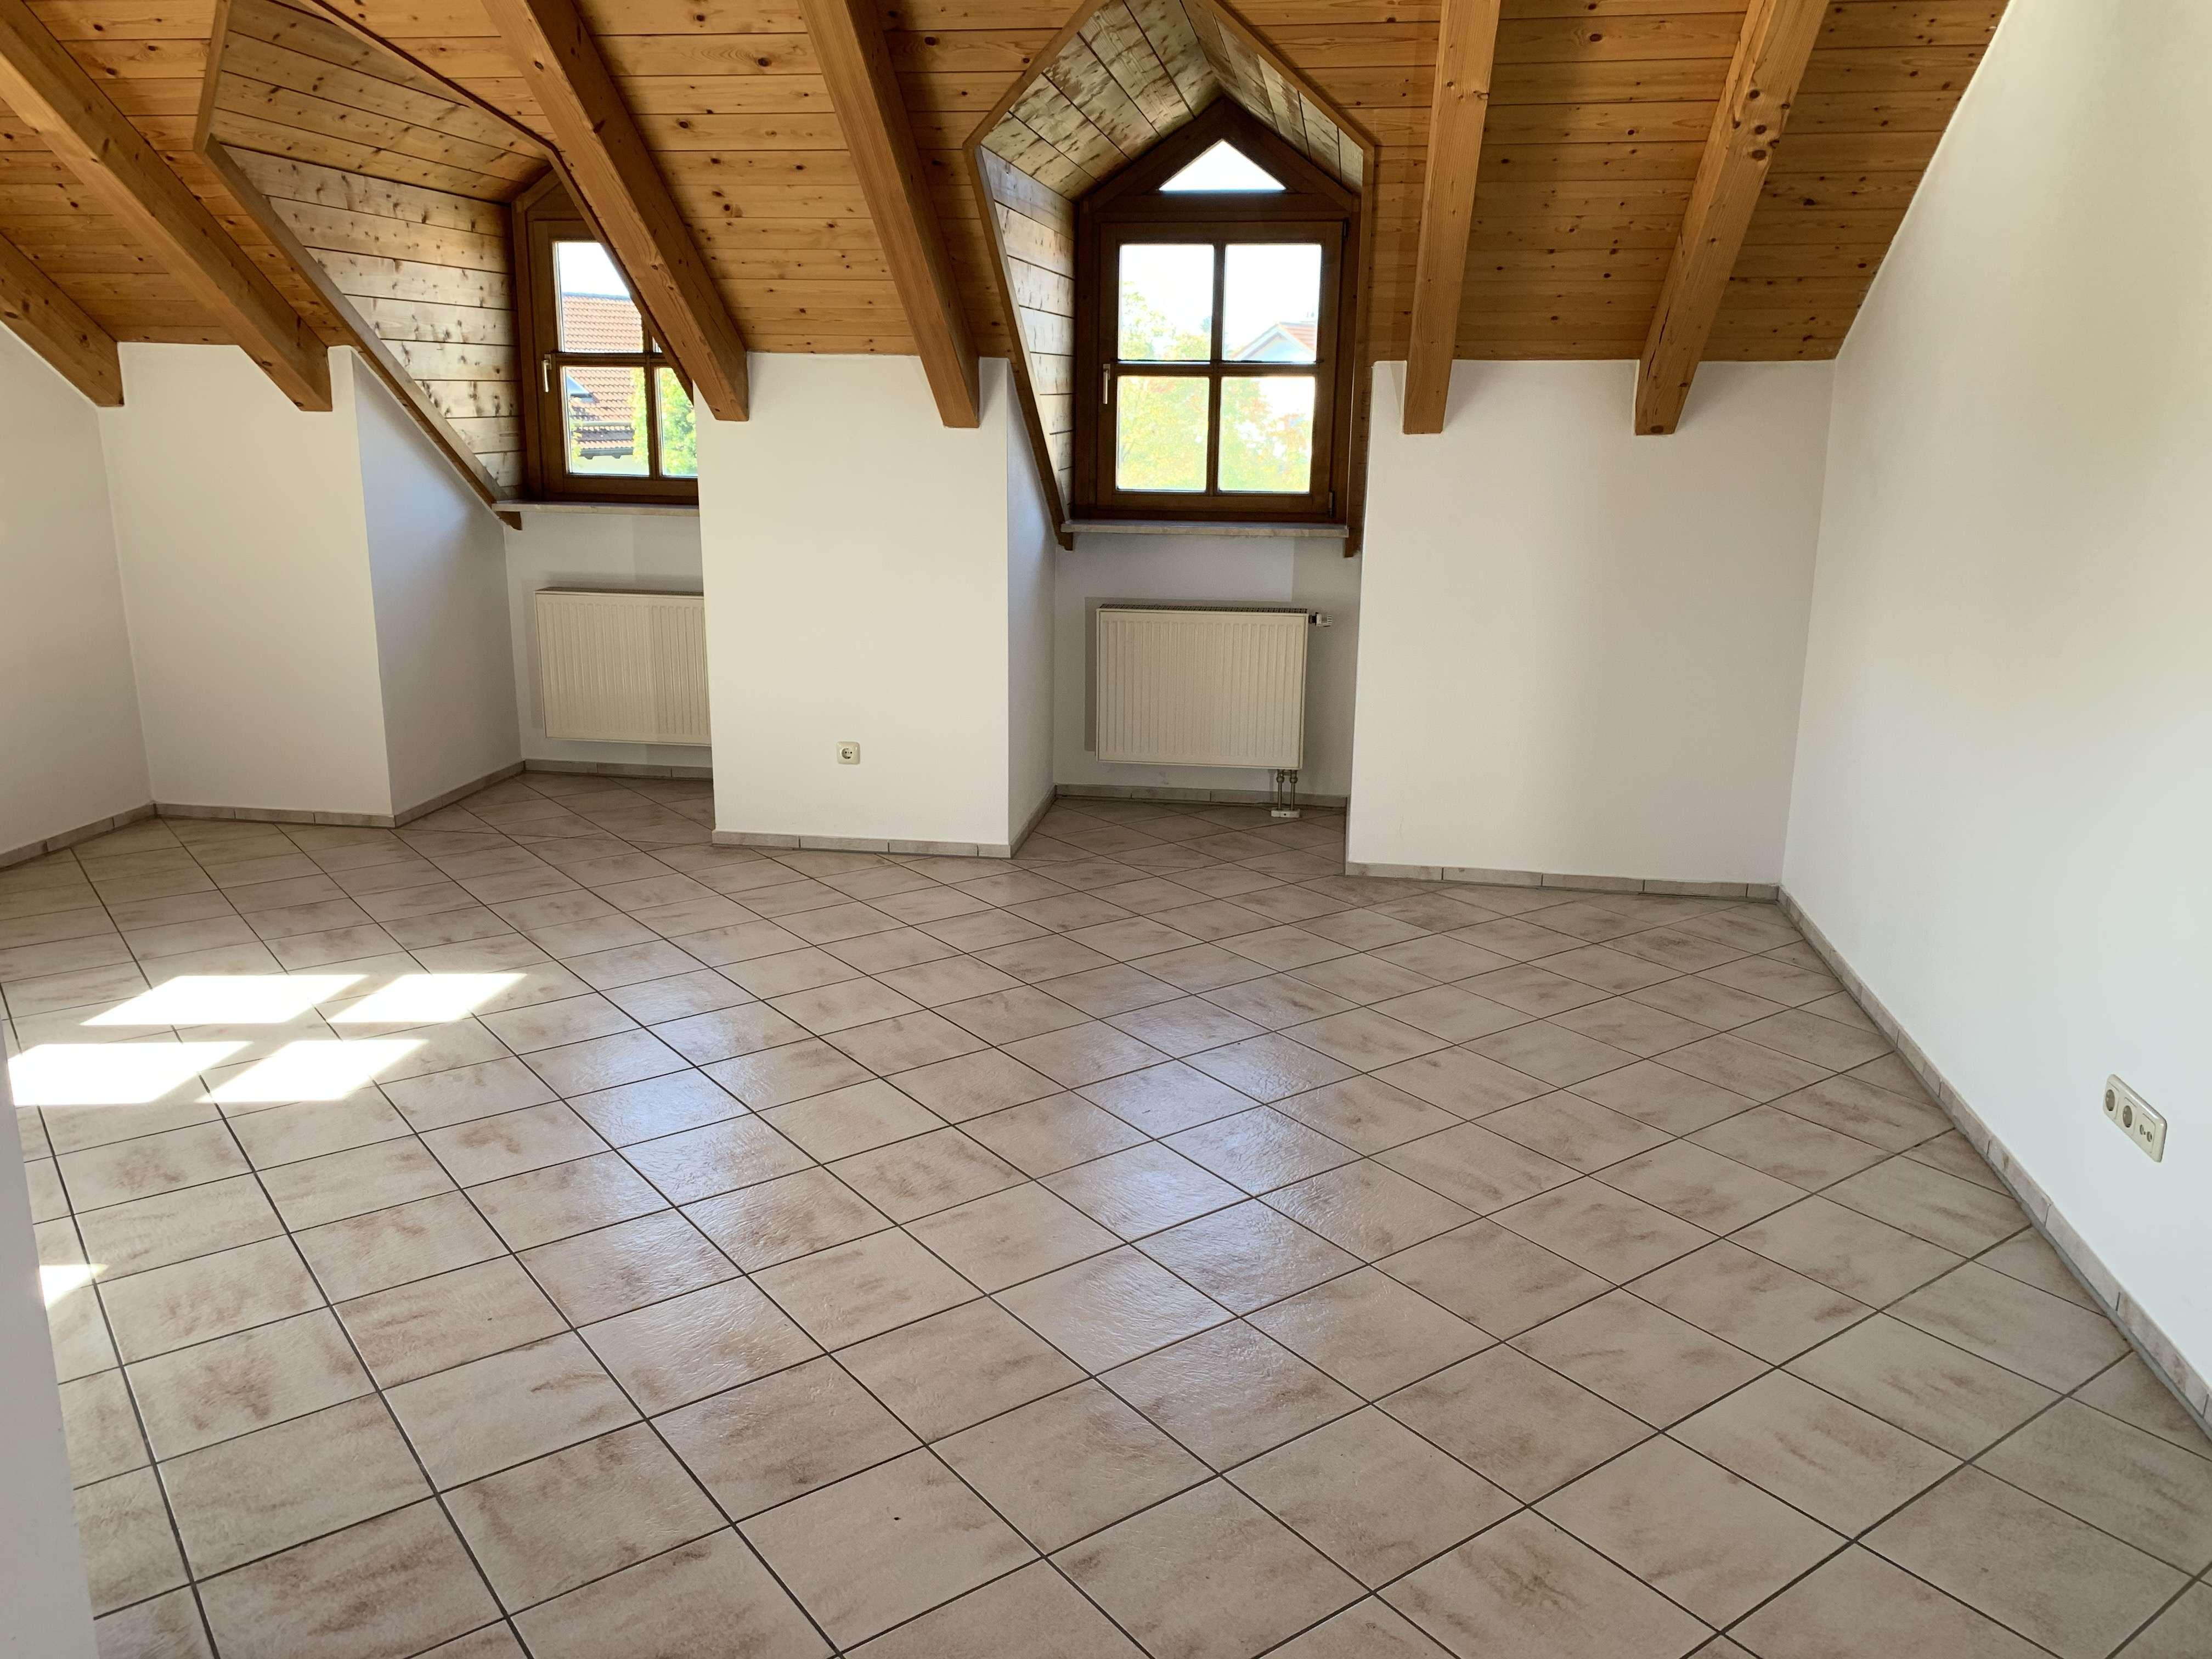 Schöne, geräumige zwei Zimmer Wohnung in Mühldorf am Inn (Kreis), Mühldorf am Inn in Mühldorf am Inn